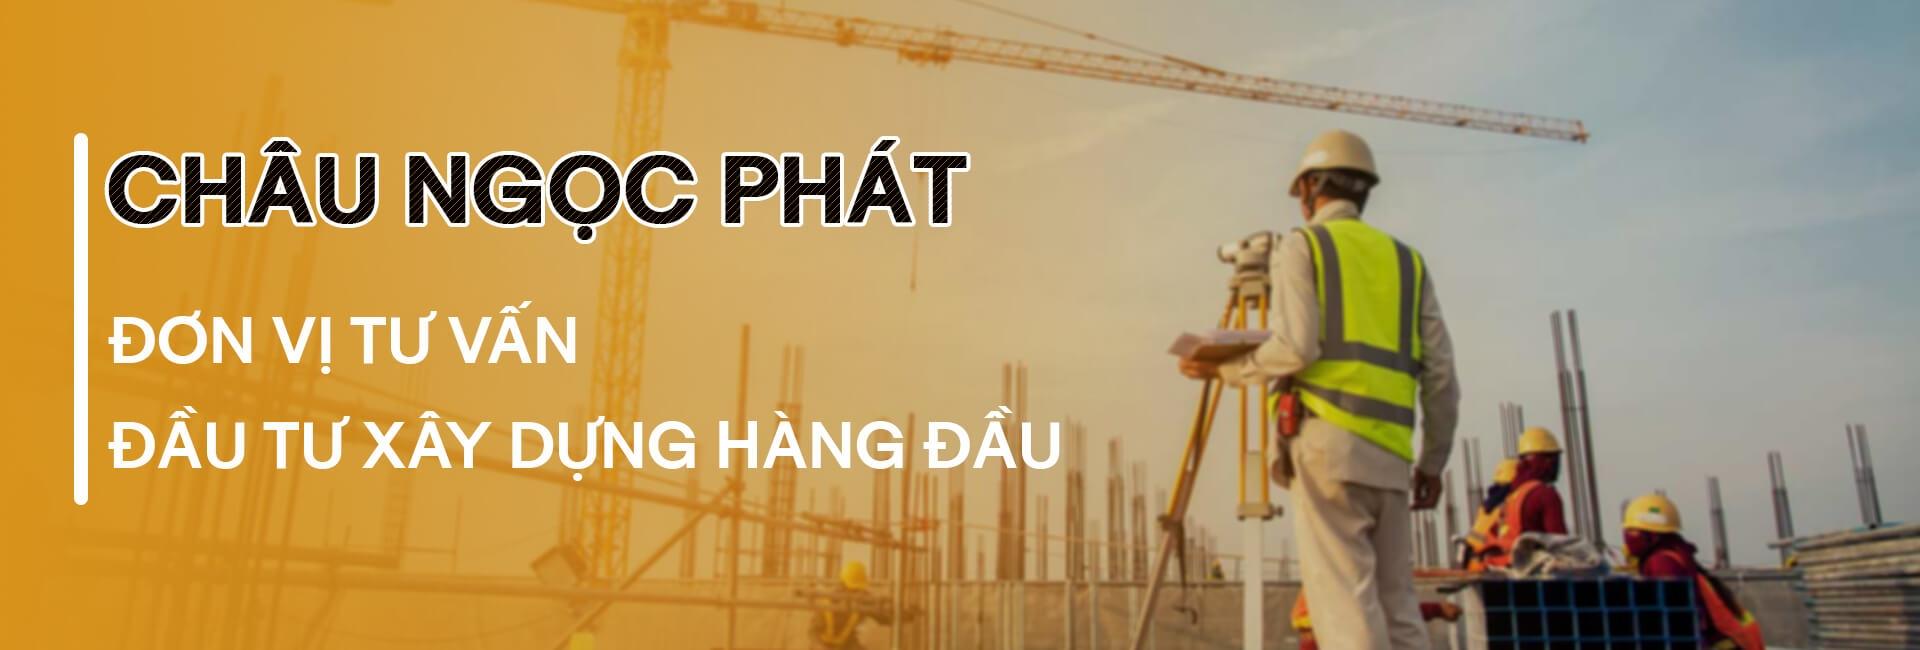 Nguyễn Văn Nghiêm (@nguyenvannghiem76) Cover Image